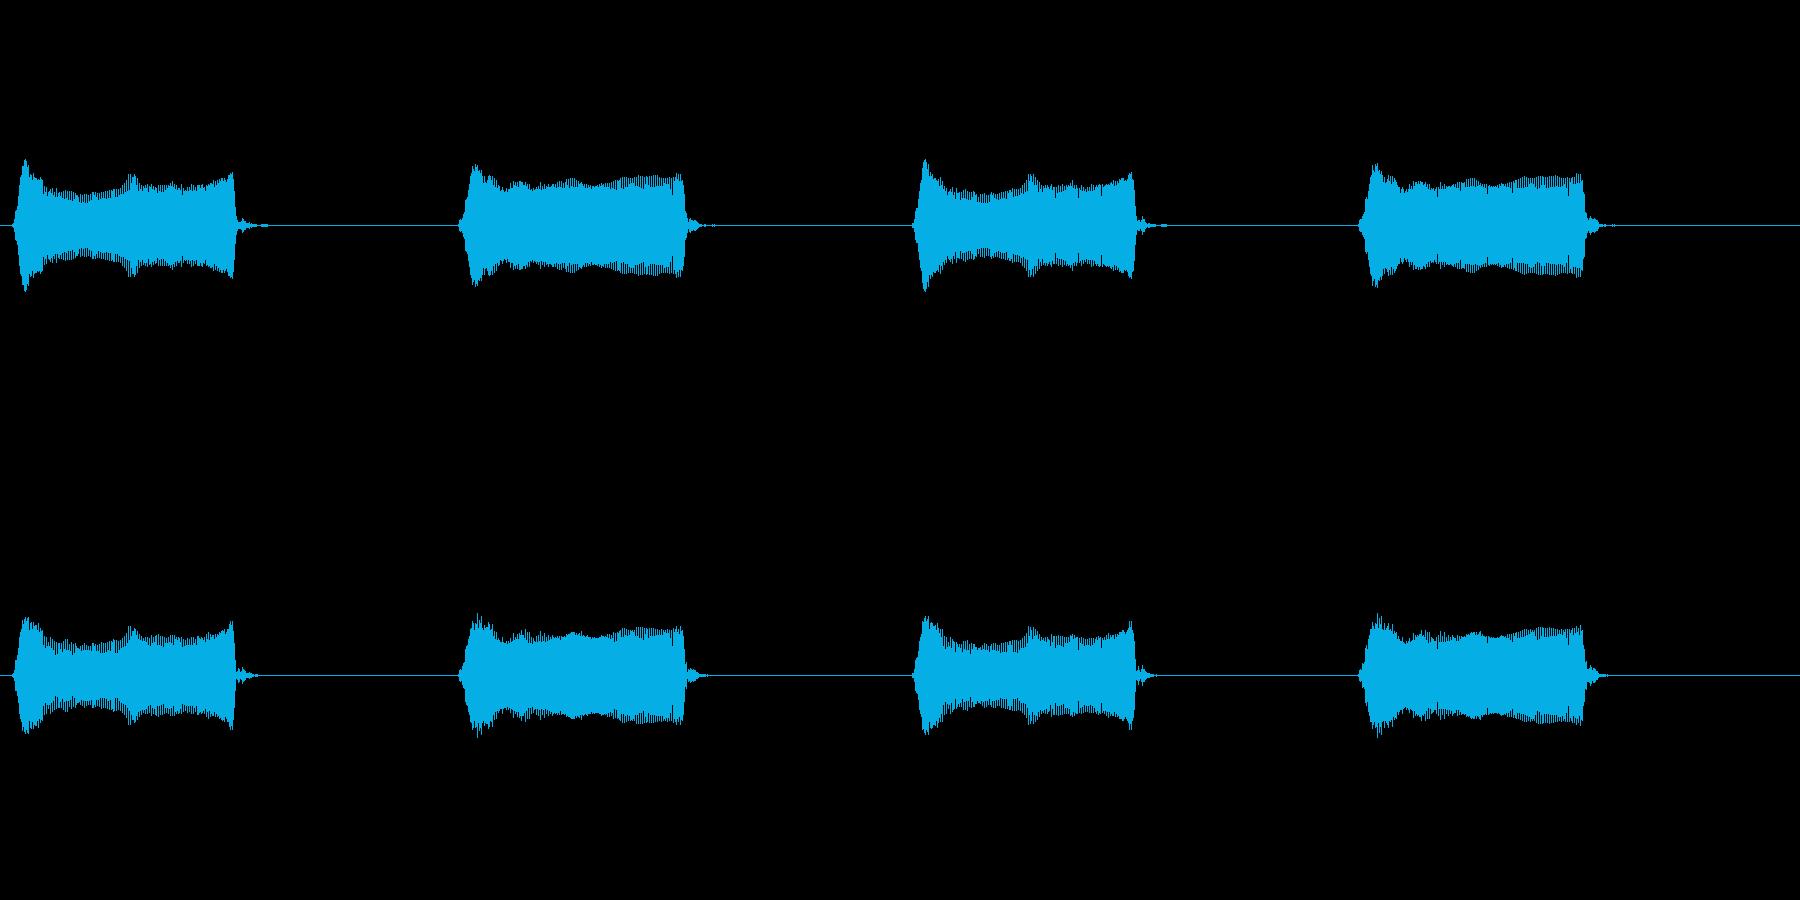 【携帯電話 バイブ01-3L】の再生済みの波形